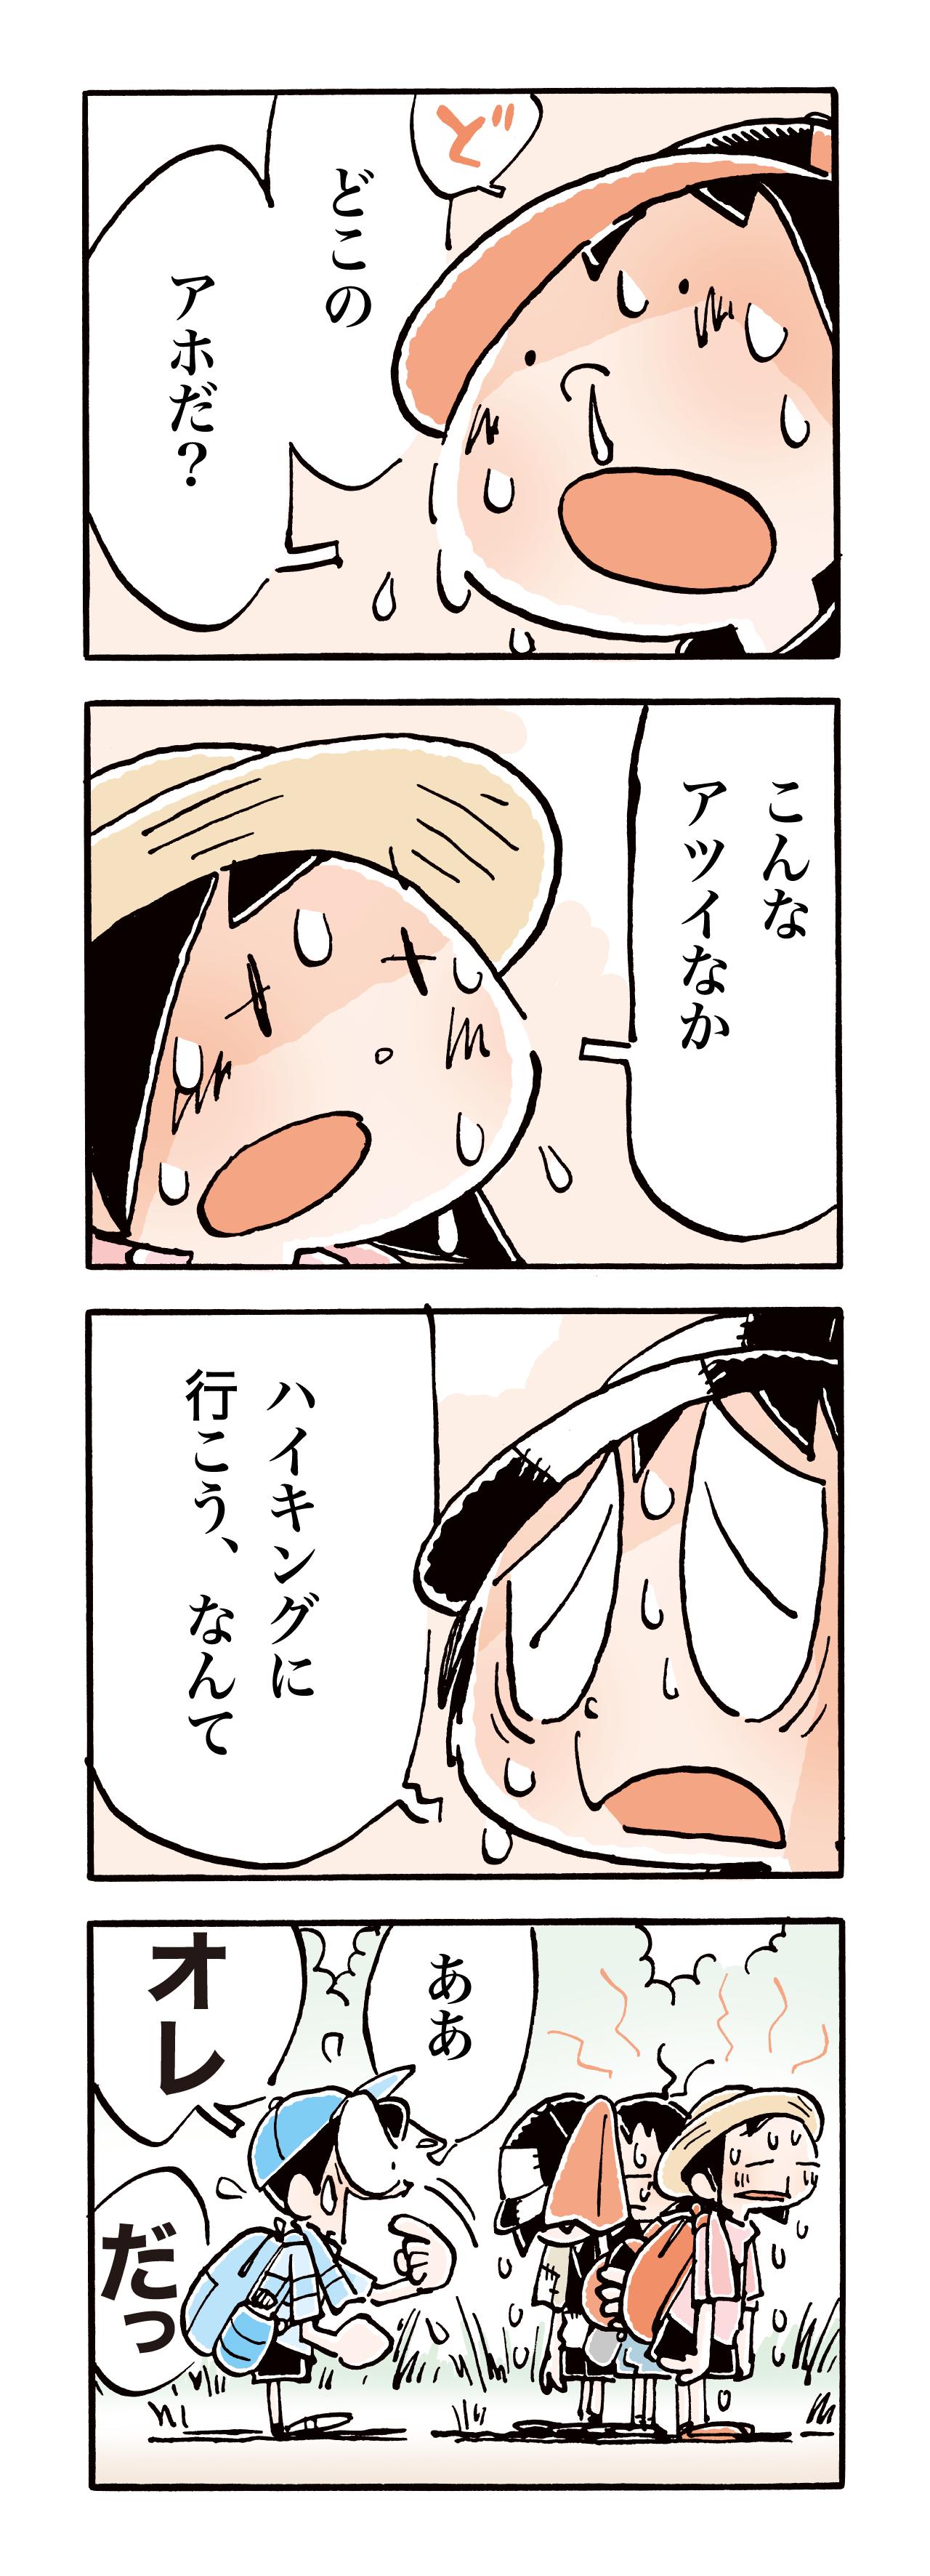 登場人物紹介→https://note.mu/sugiuraakira/n/n8c186d359e38